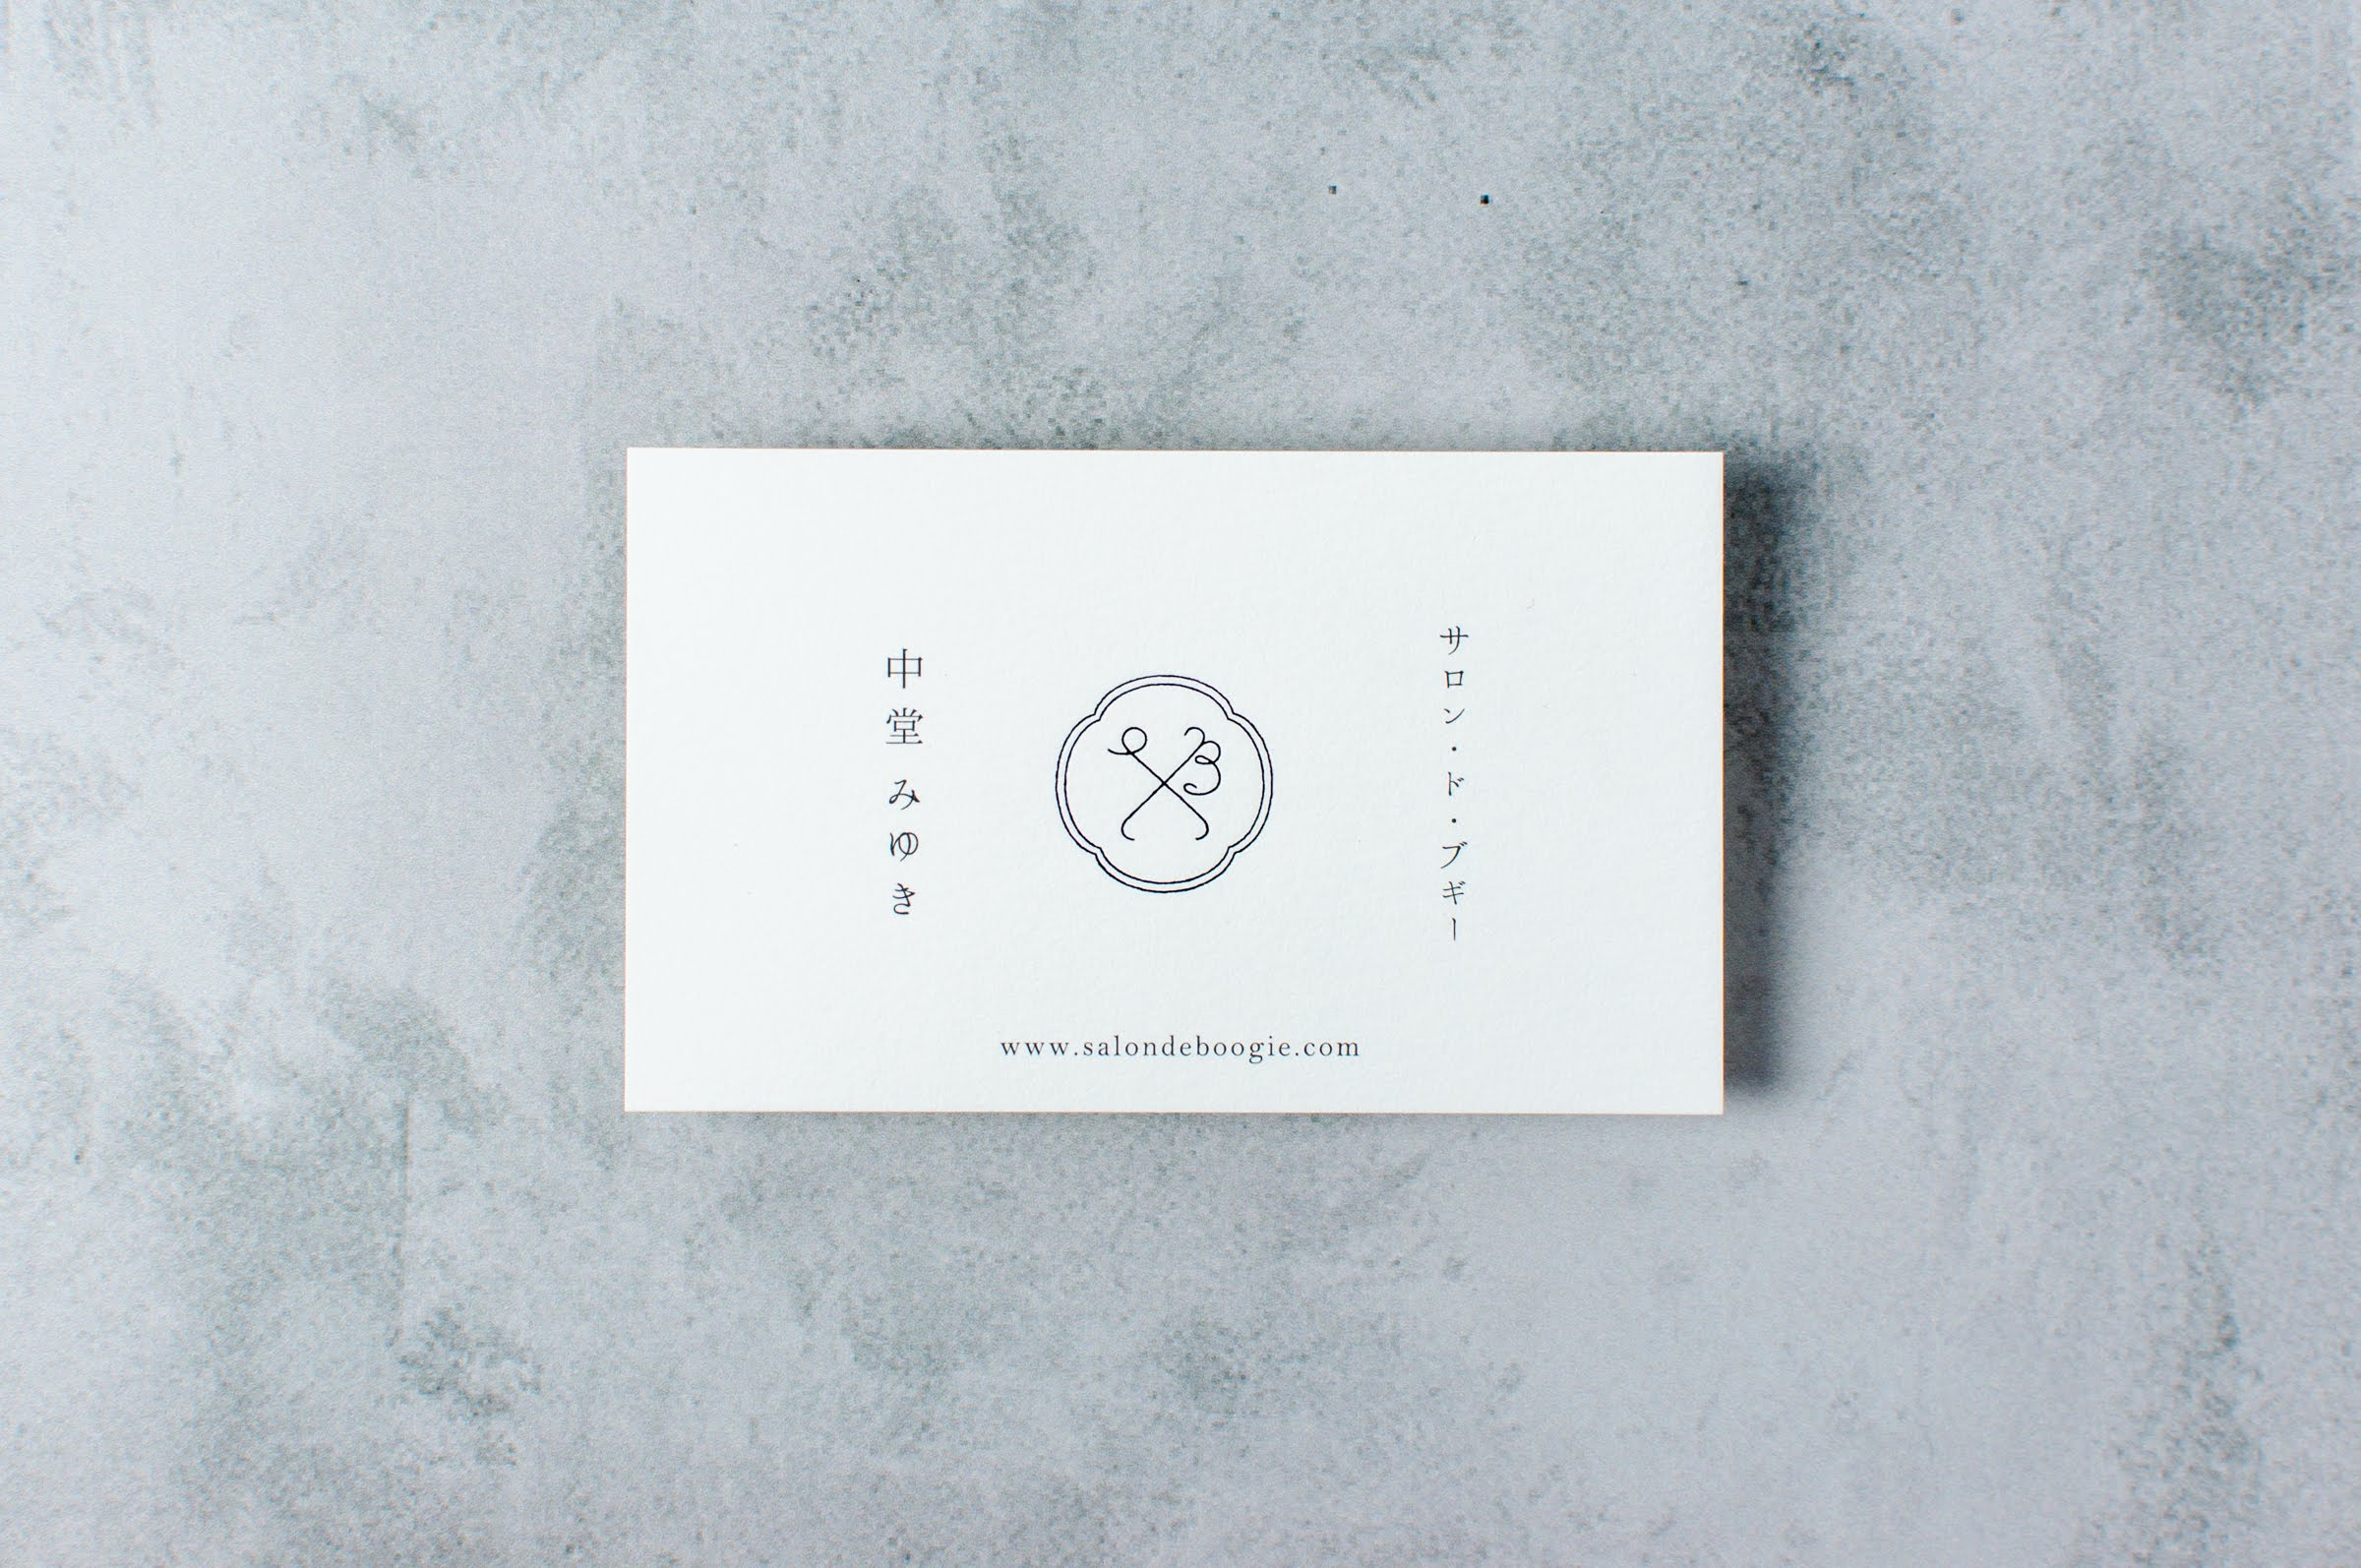 SALON de BOOGIE|LOGO & NAME CARD